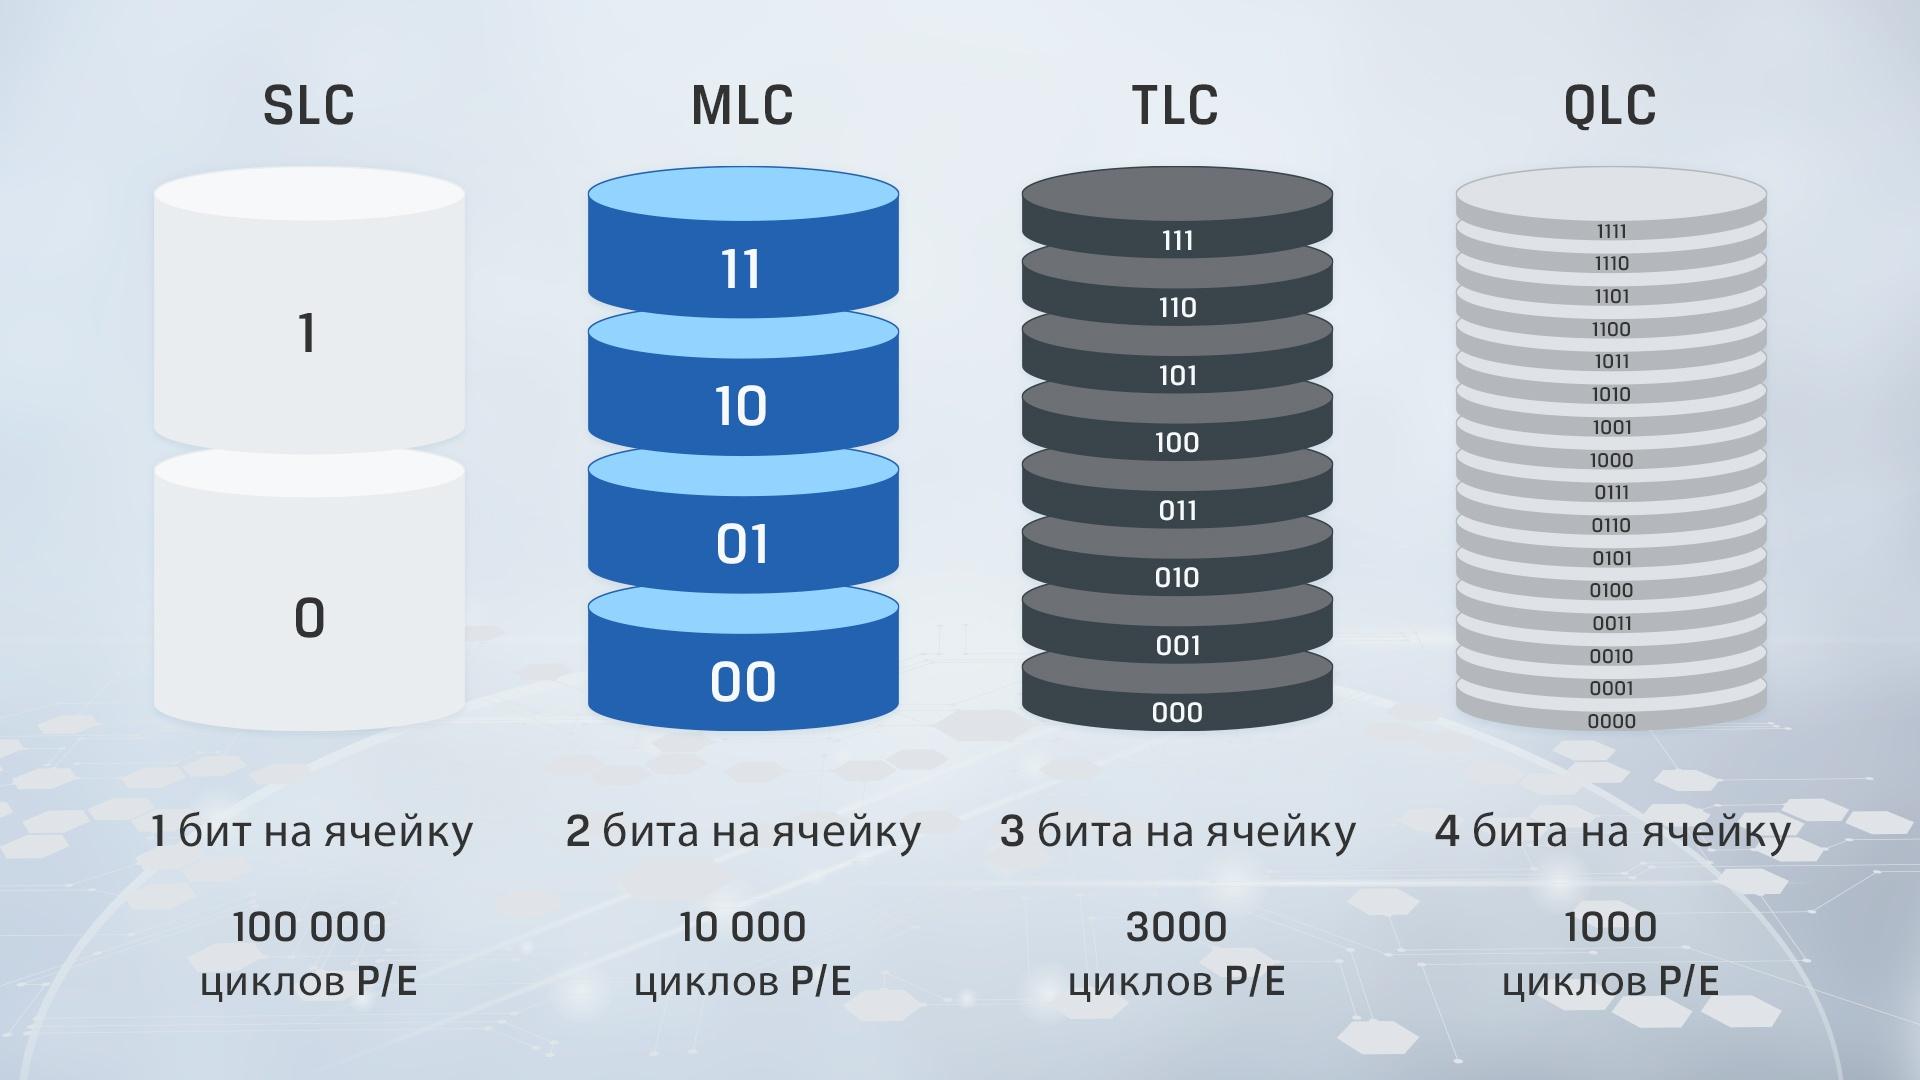 инфографика, показывающая ключевые различия между разными типами памяти NAND